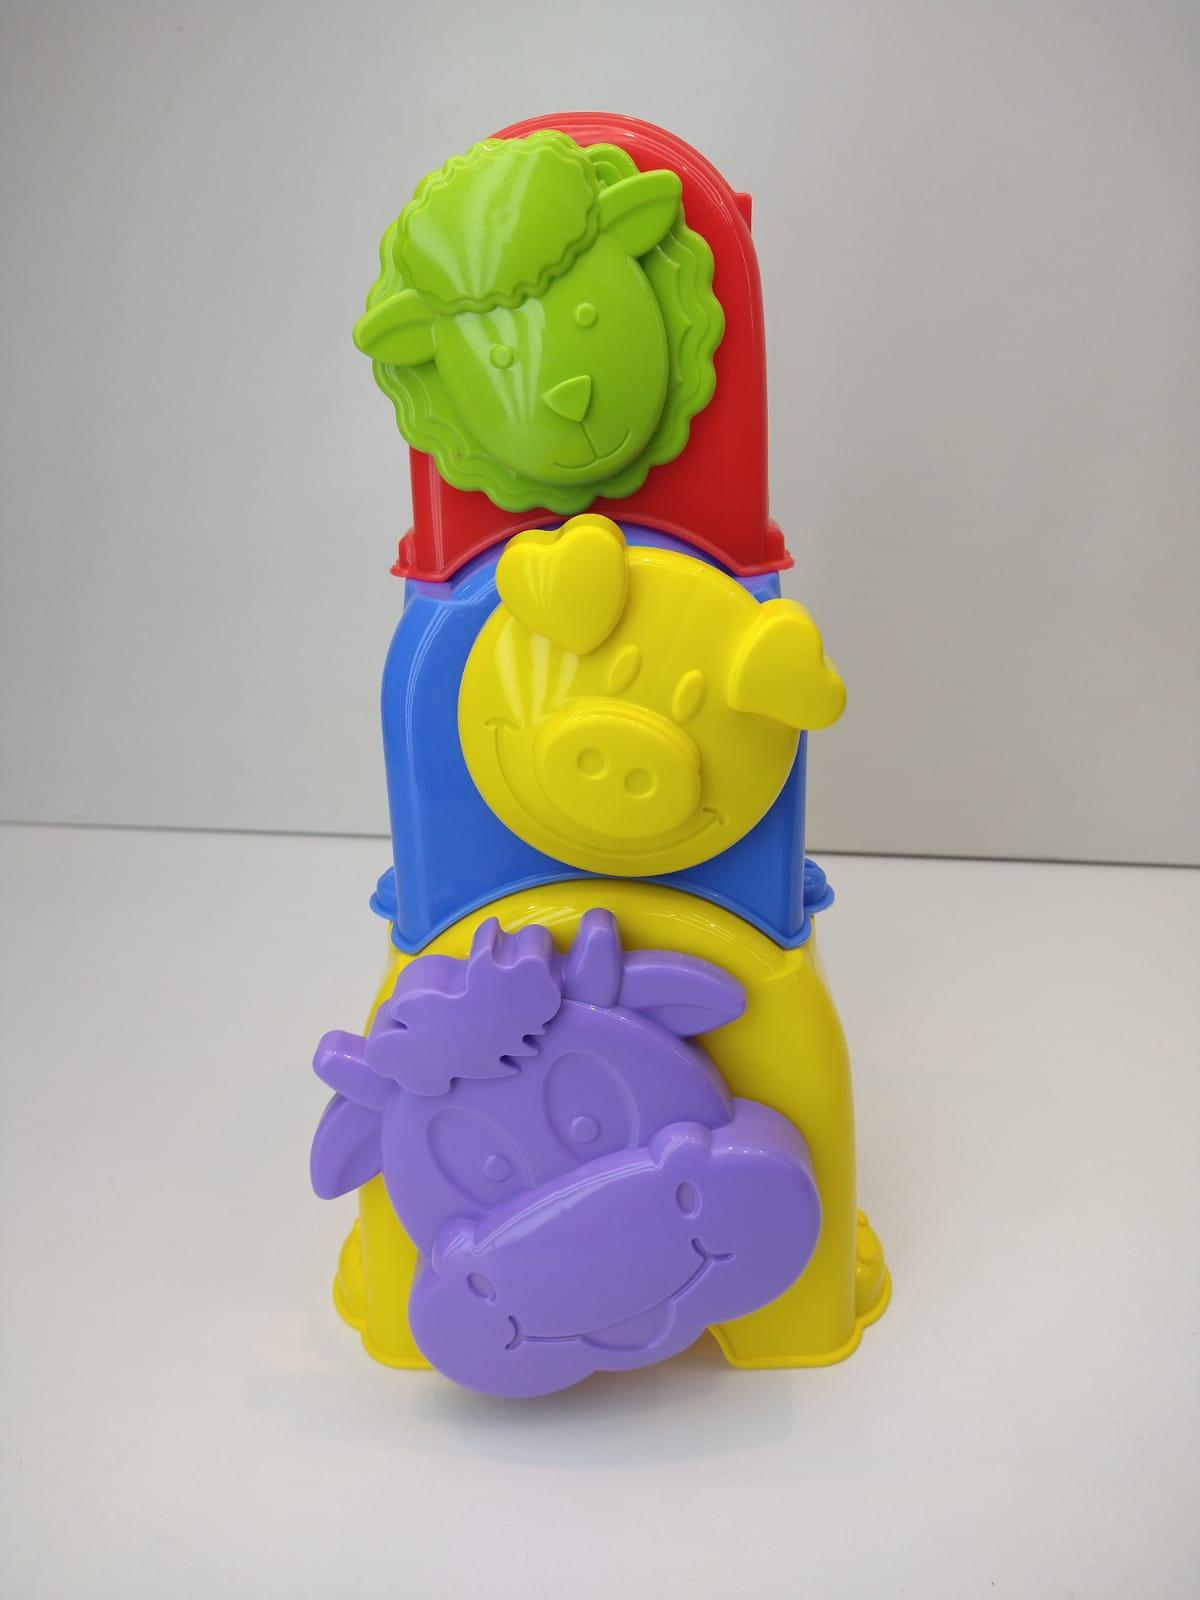 Brinquedo Educativo Colorido Anima Cubos Sacola 3 Peças Empilháveis Calesita